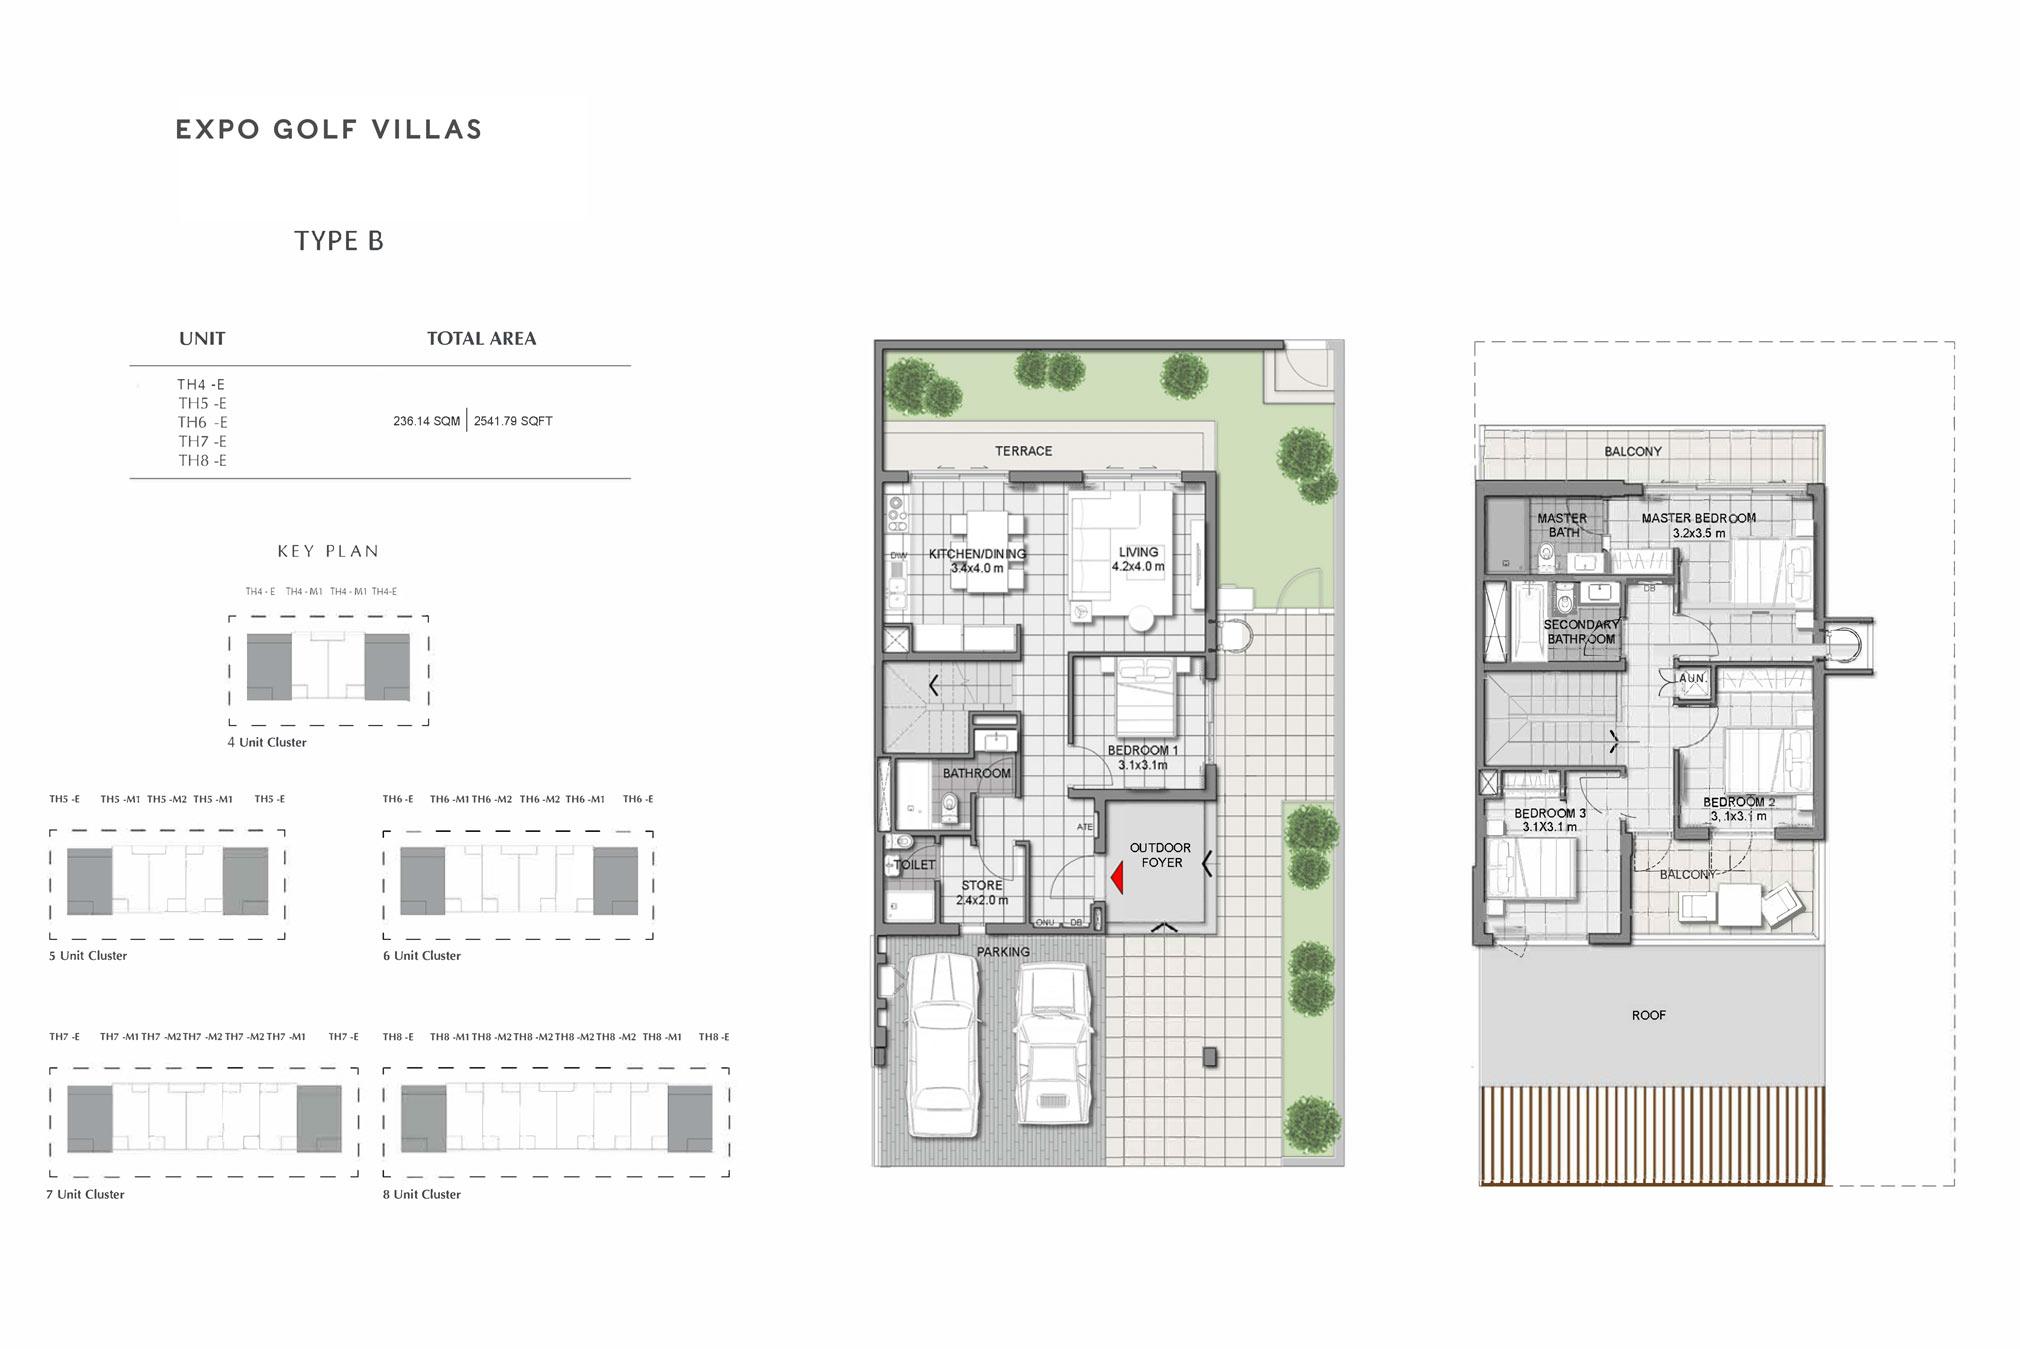 4 Bedroom: 2,541 - 2,542 Sq Ft